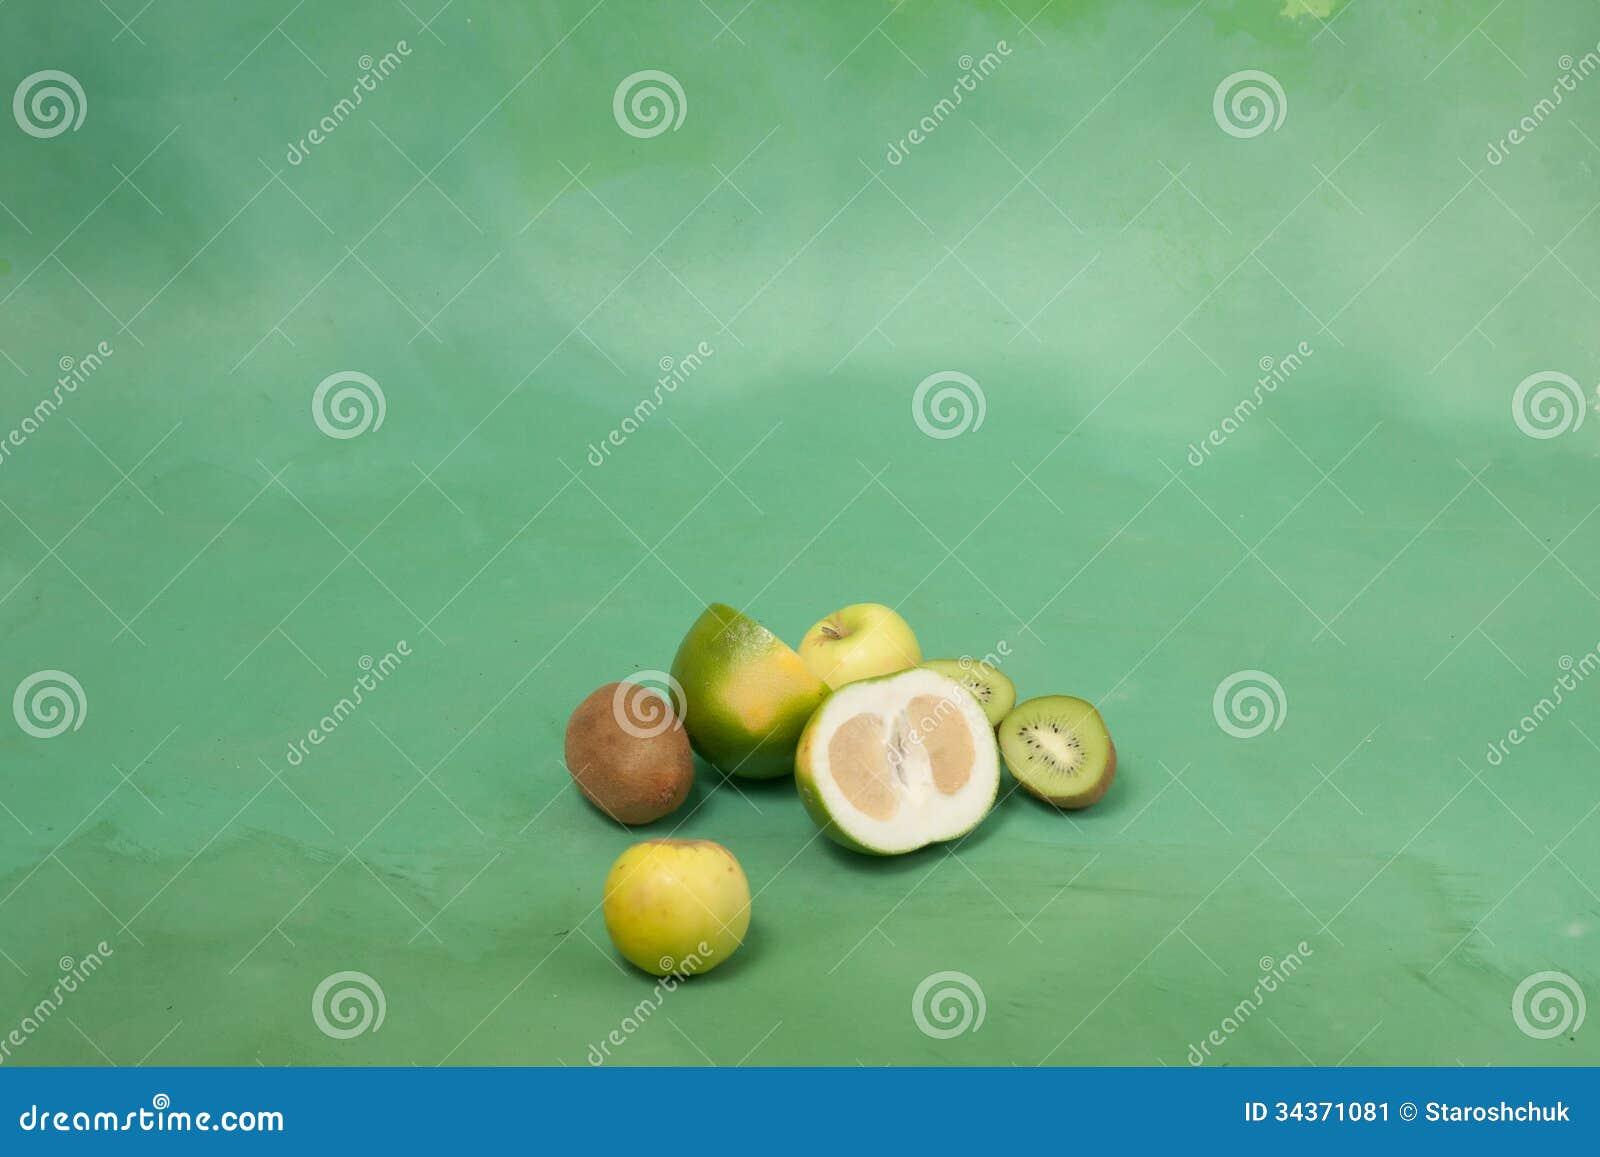 oroblanco et d 39 autres fruits verts sur un fond vert image stock image du fruit repas 34371081. Black Bedroom Furniture Sets. Home Design Ideas